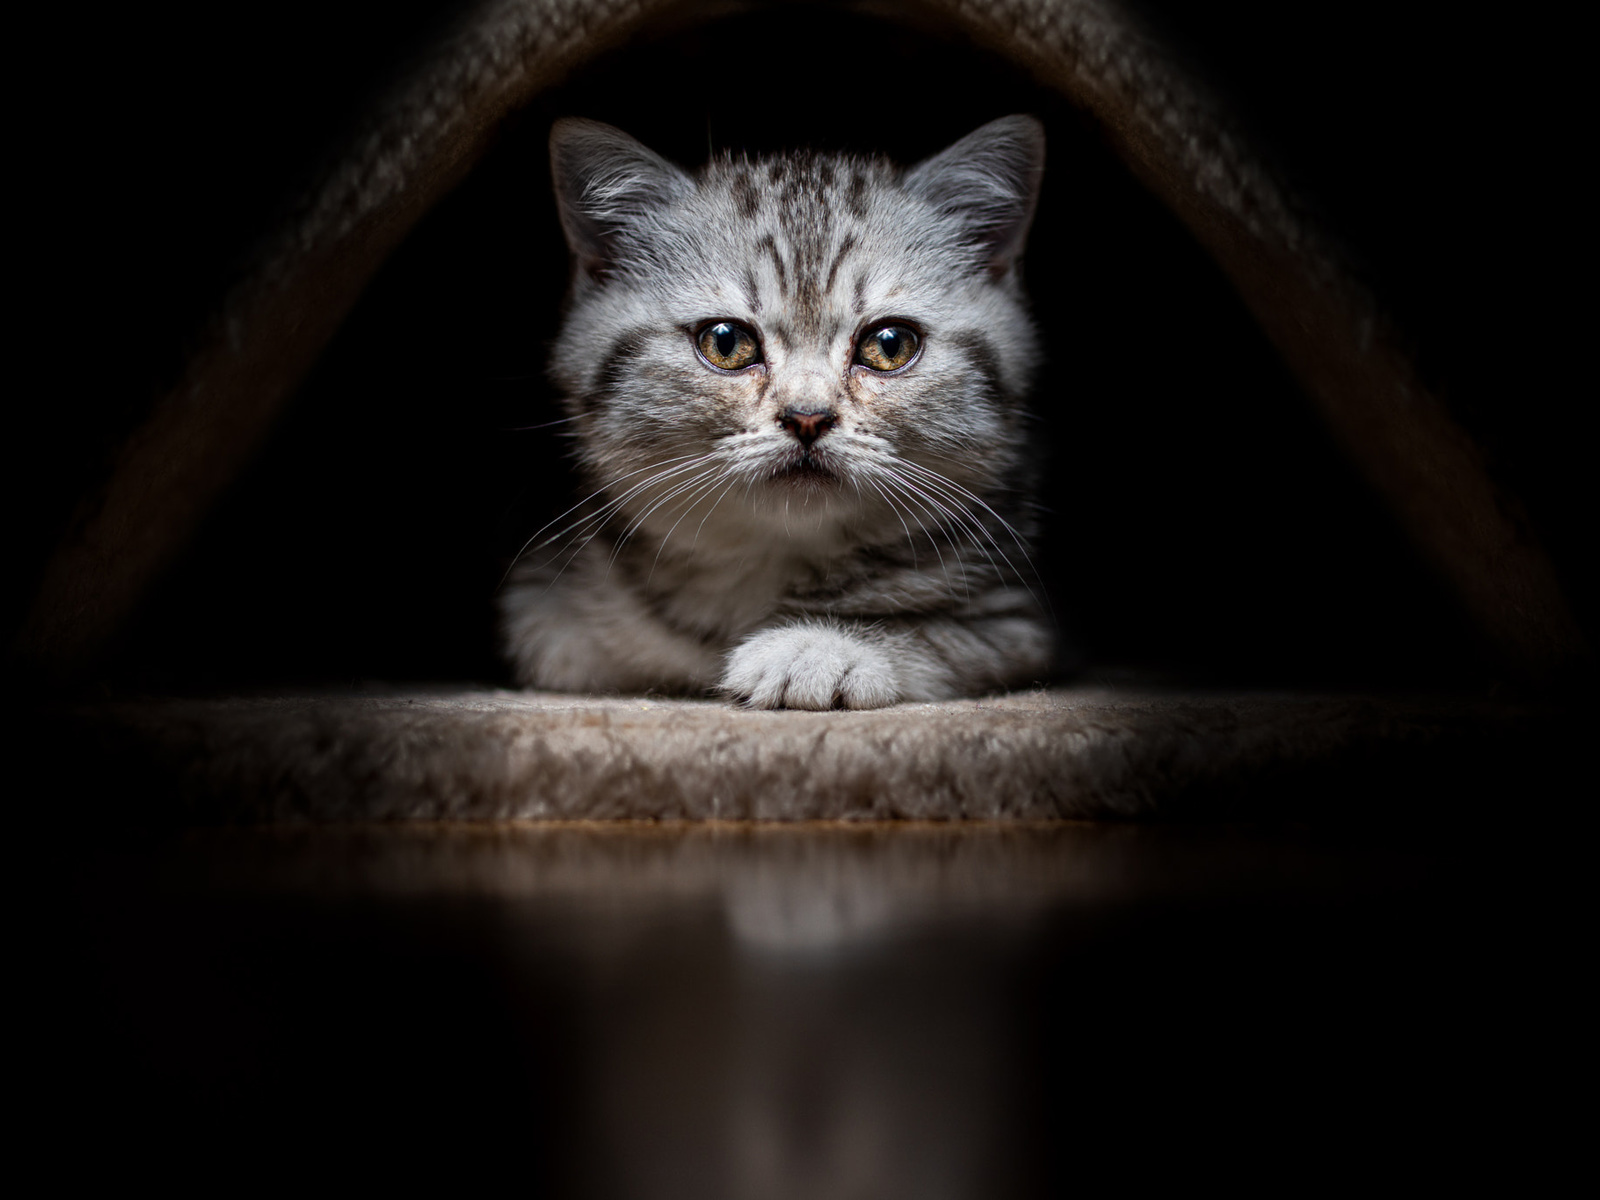 котенок, кошка, мордочка, взгляд, черный, фон